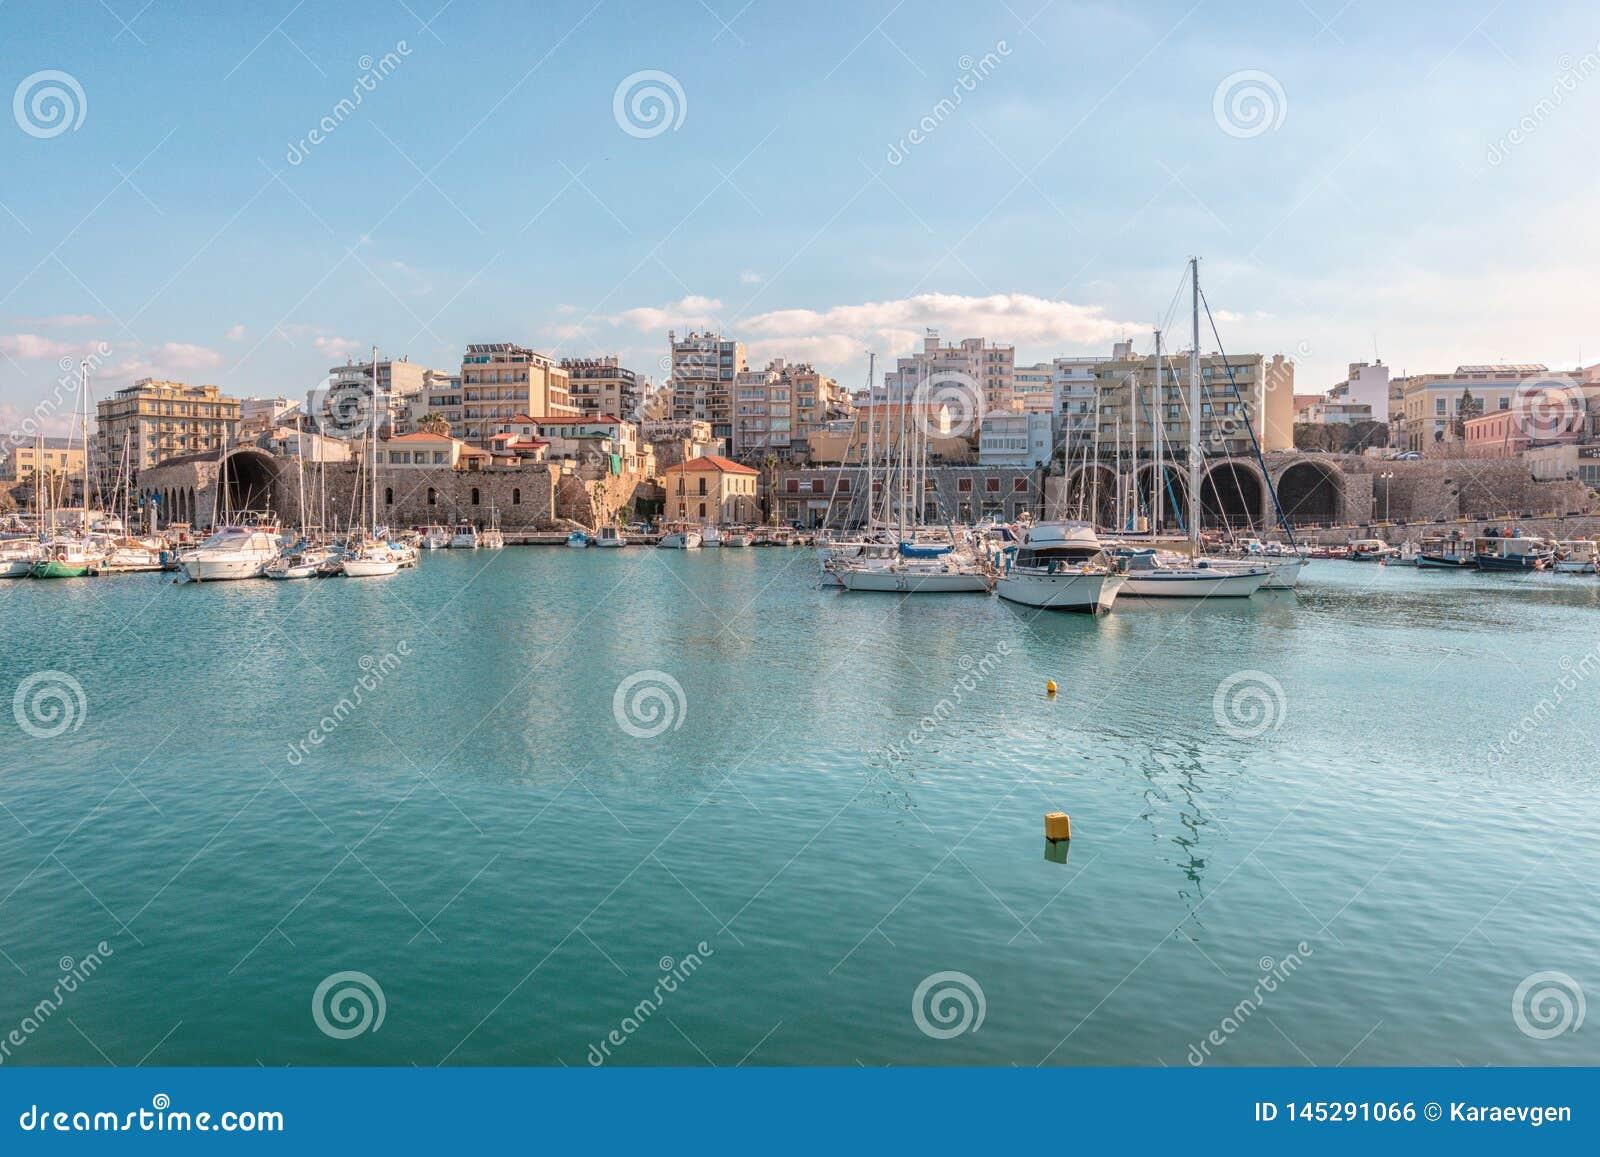 Крит, Греция - 11-ое февраля 2019: Шлюпки и яхты в порте на предпосылке города ираклиона Греция